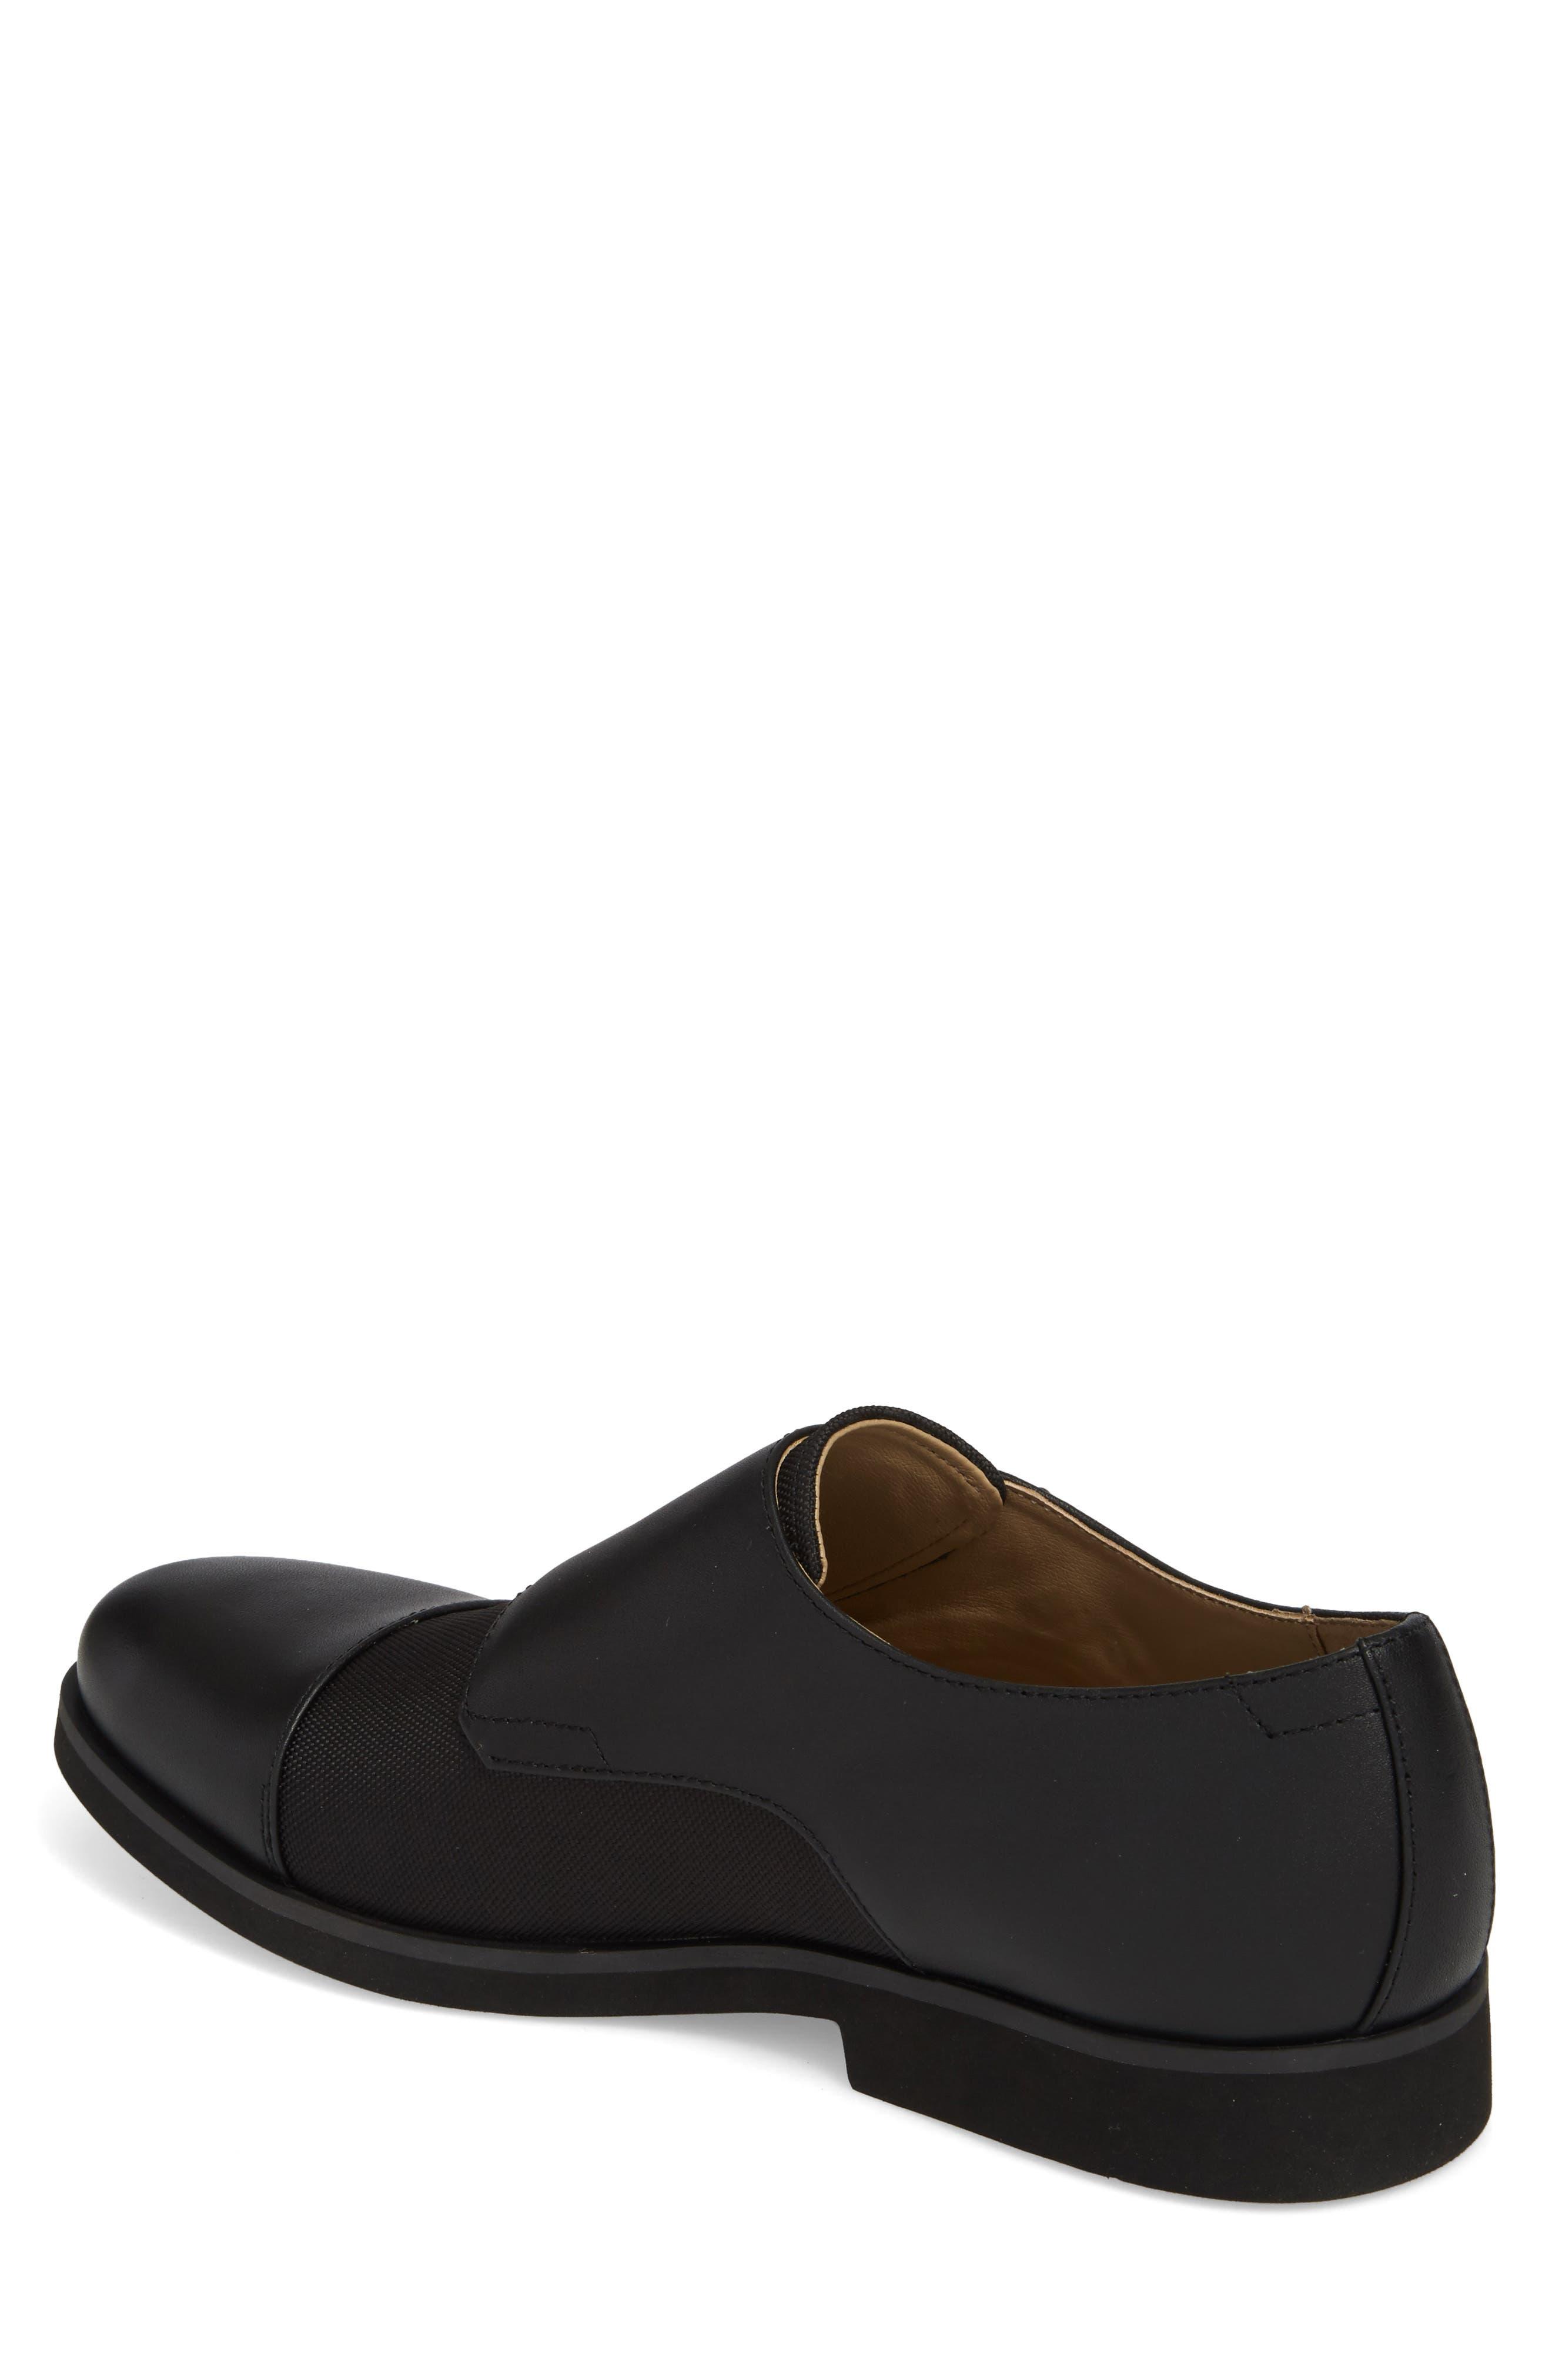 Finch Double Monk Strap Shoe,                             Alternate thumbnail 2, color,                             001